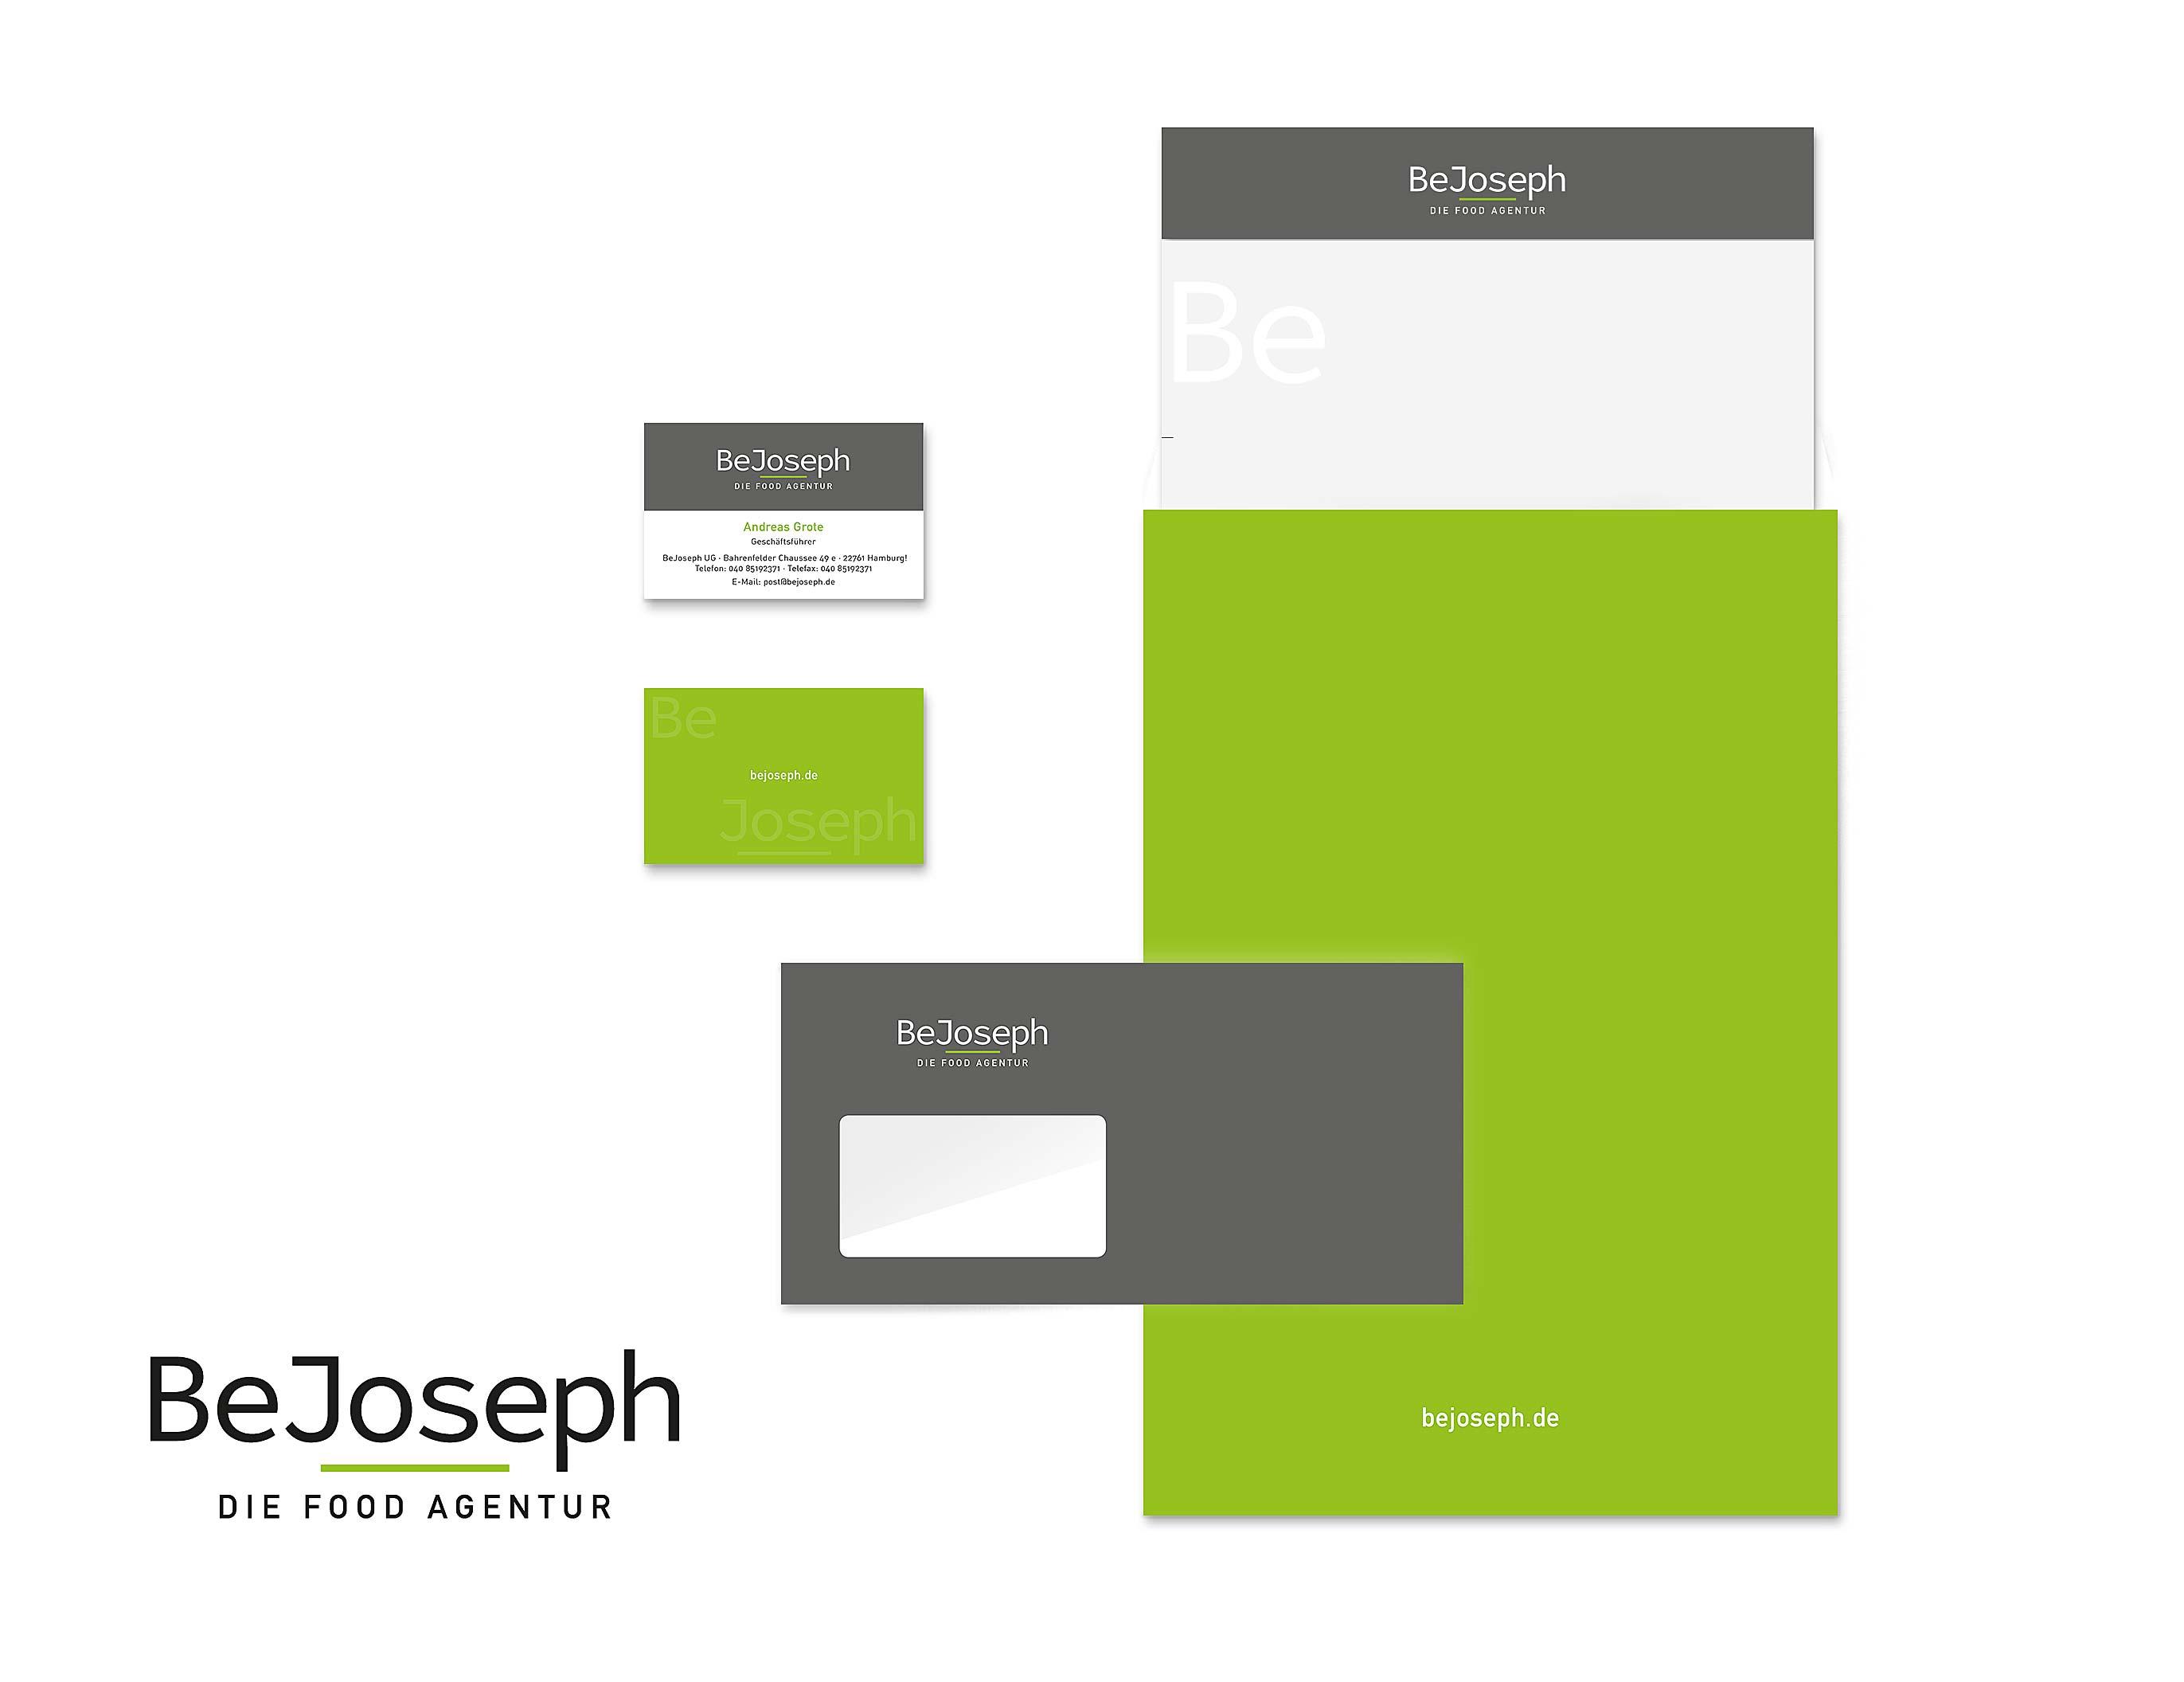 BeJoseph - Die Food Agentur